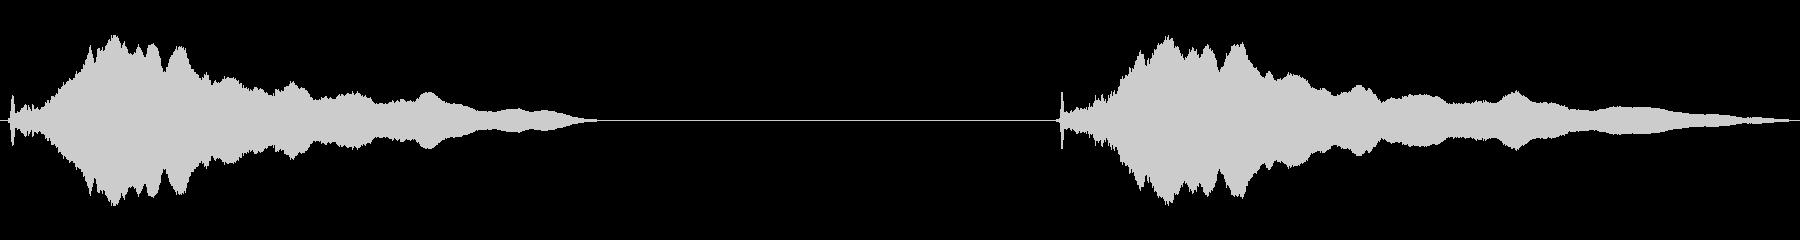 トーンホイッスルロングフォールb wavの未再生の波形